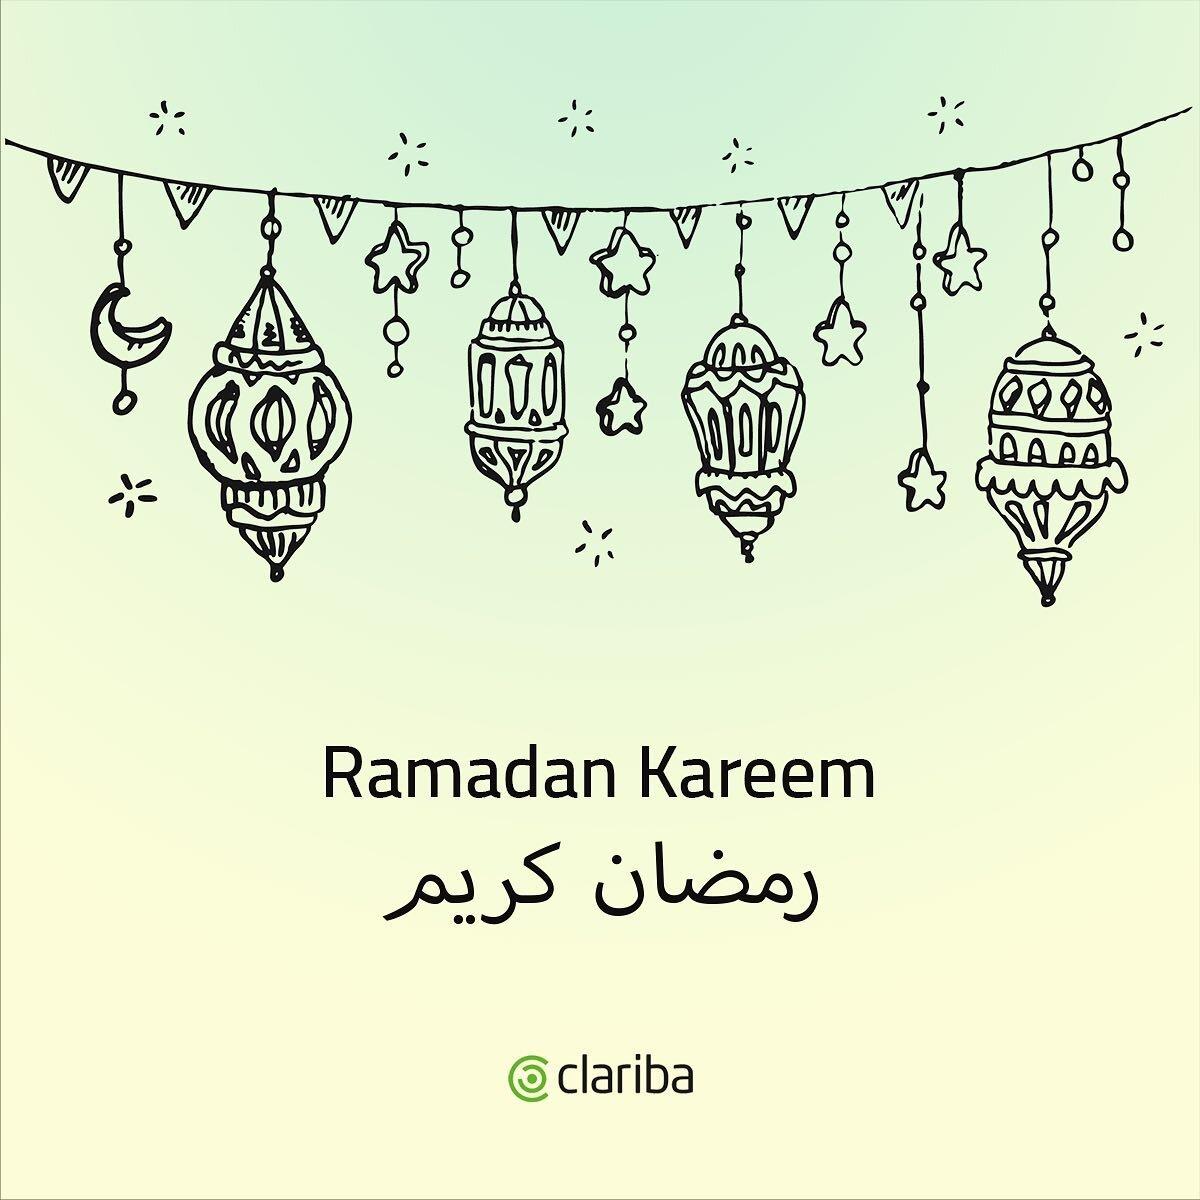 Wishing you and your family a blessed Ramadan! 🌙 #ramadan #ramadankareem #ramadan2021